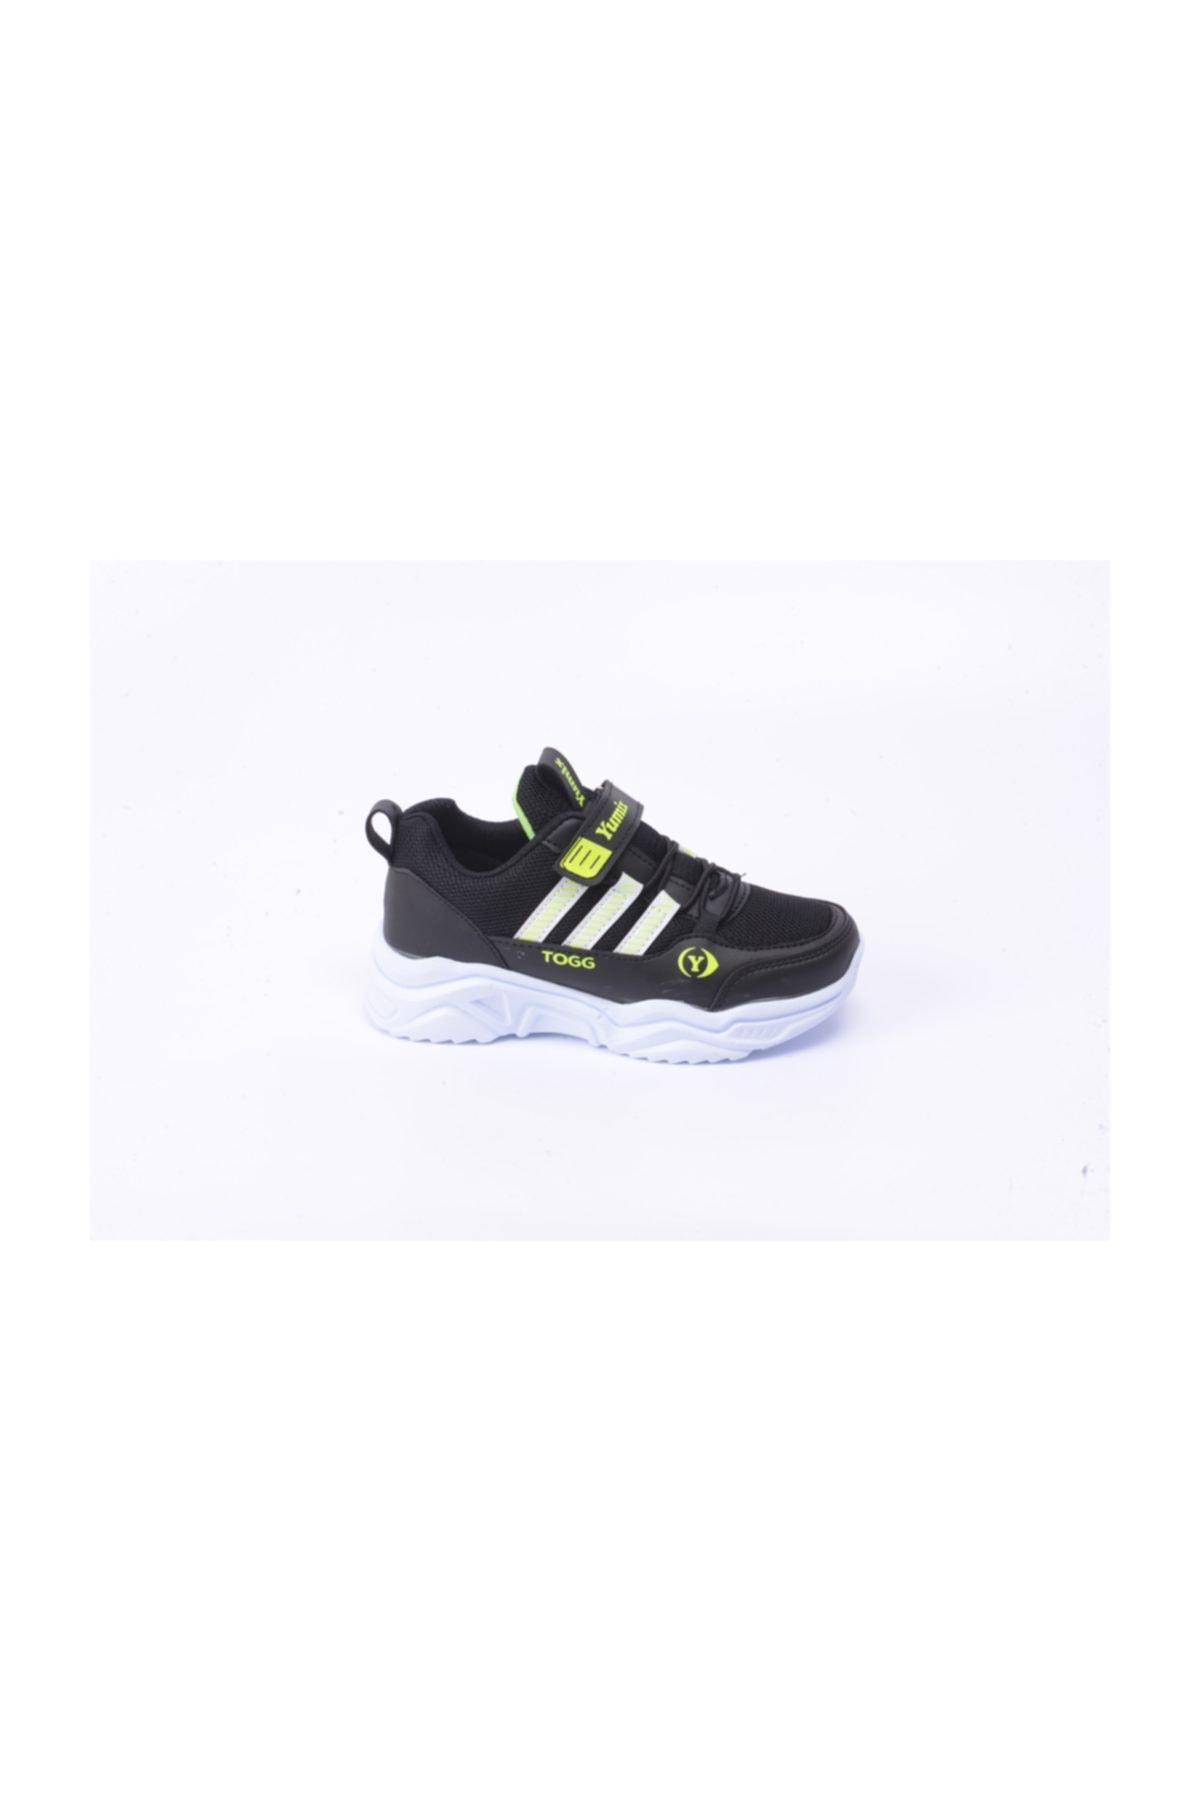 Ayakkabin11 Çocuk Spor Ayakkabı 1